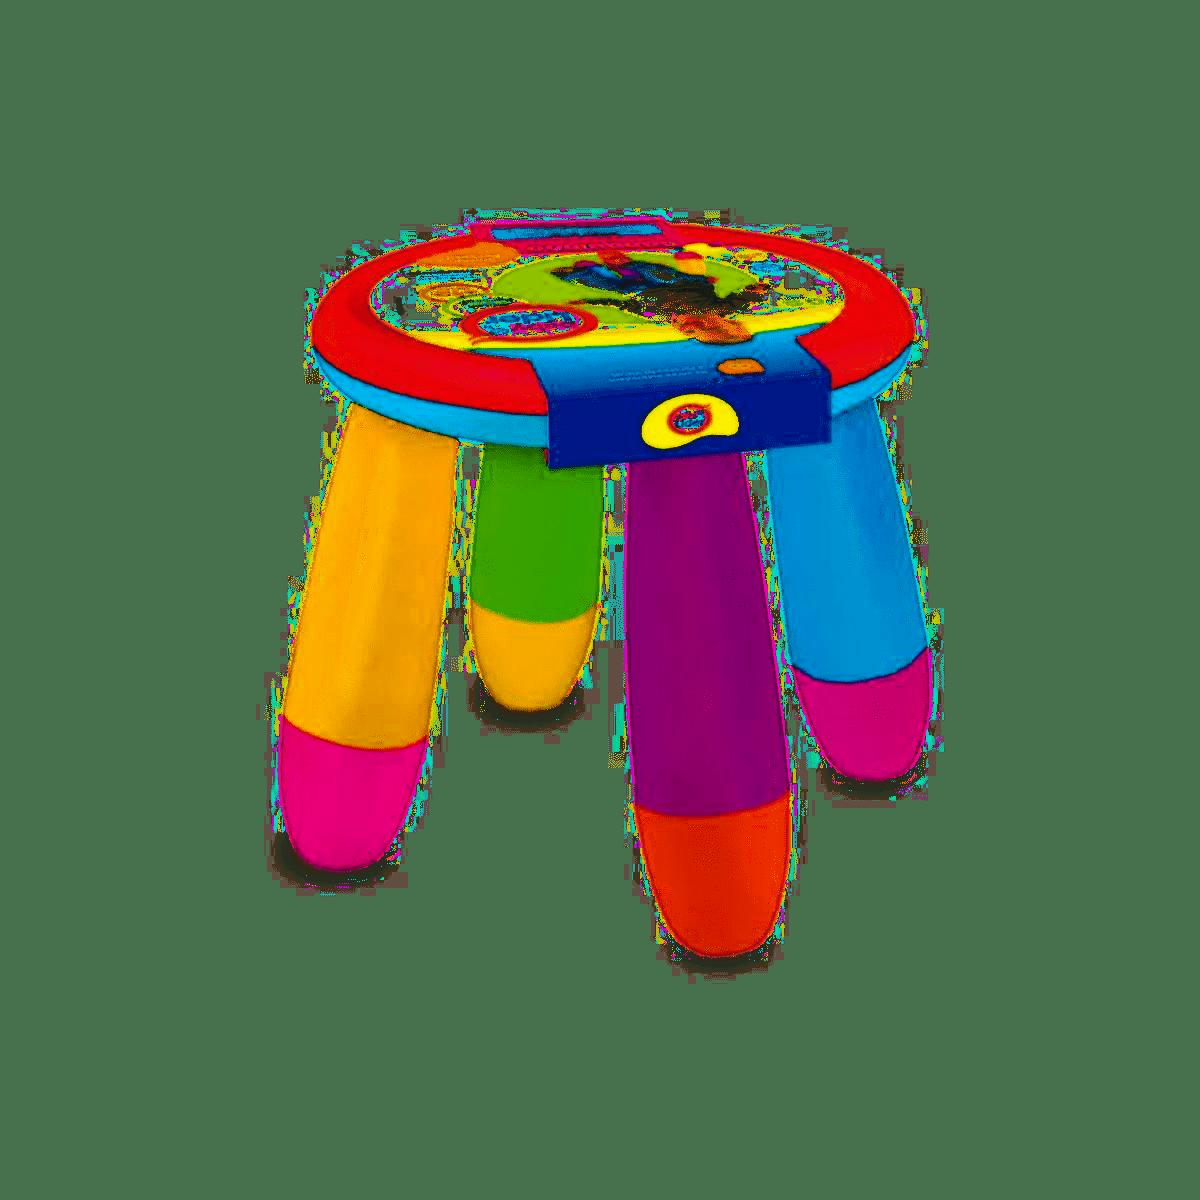 Banquinho Portátil Infantil Colorido Plástico Brinquedo